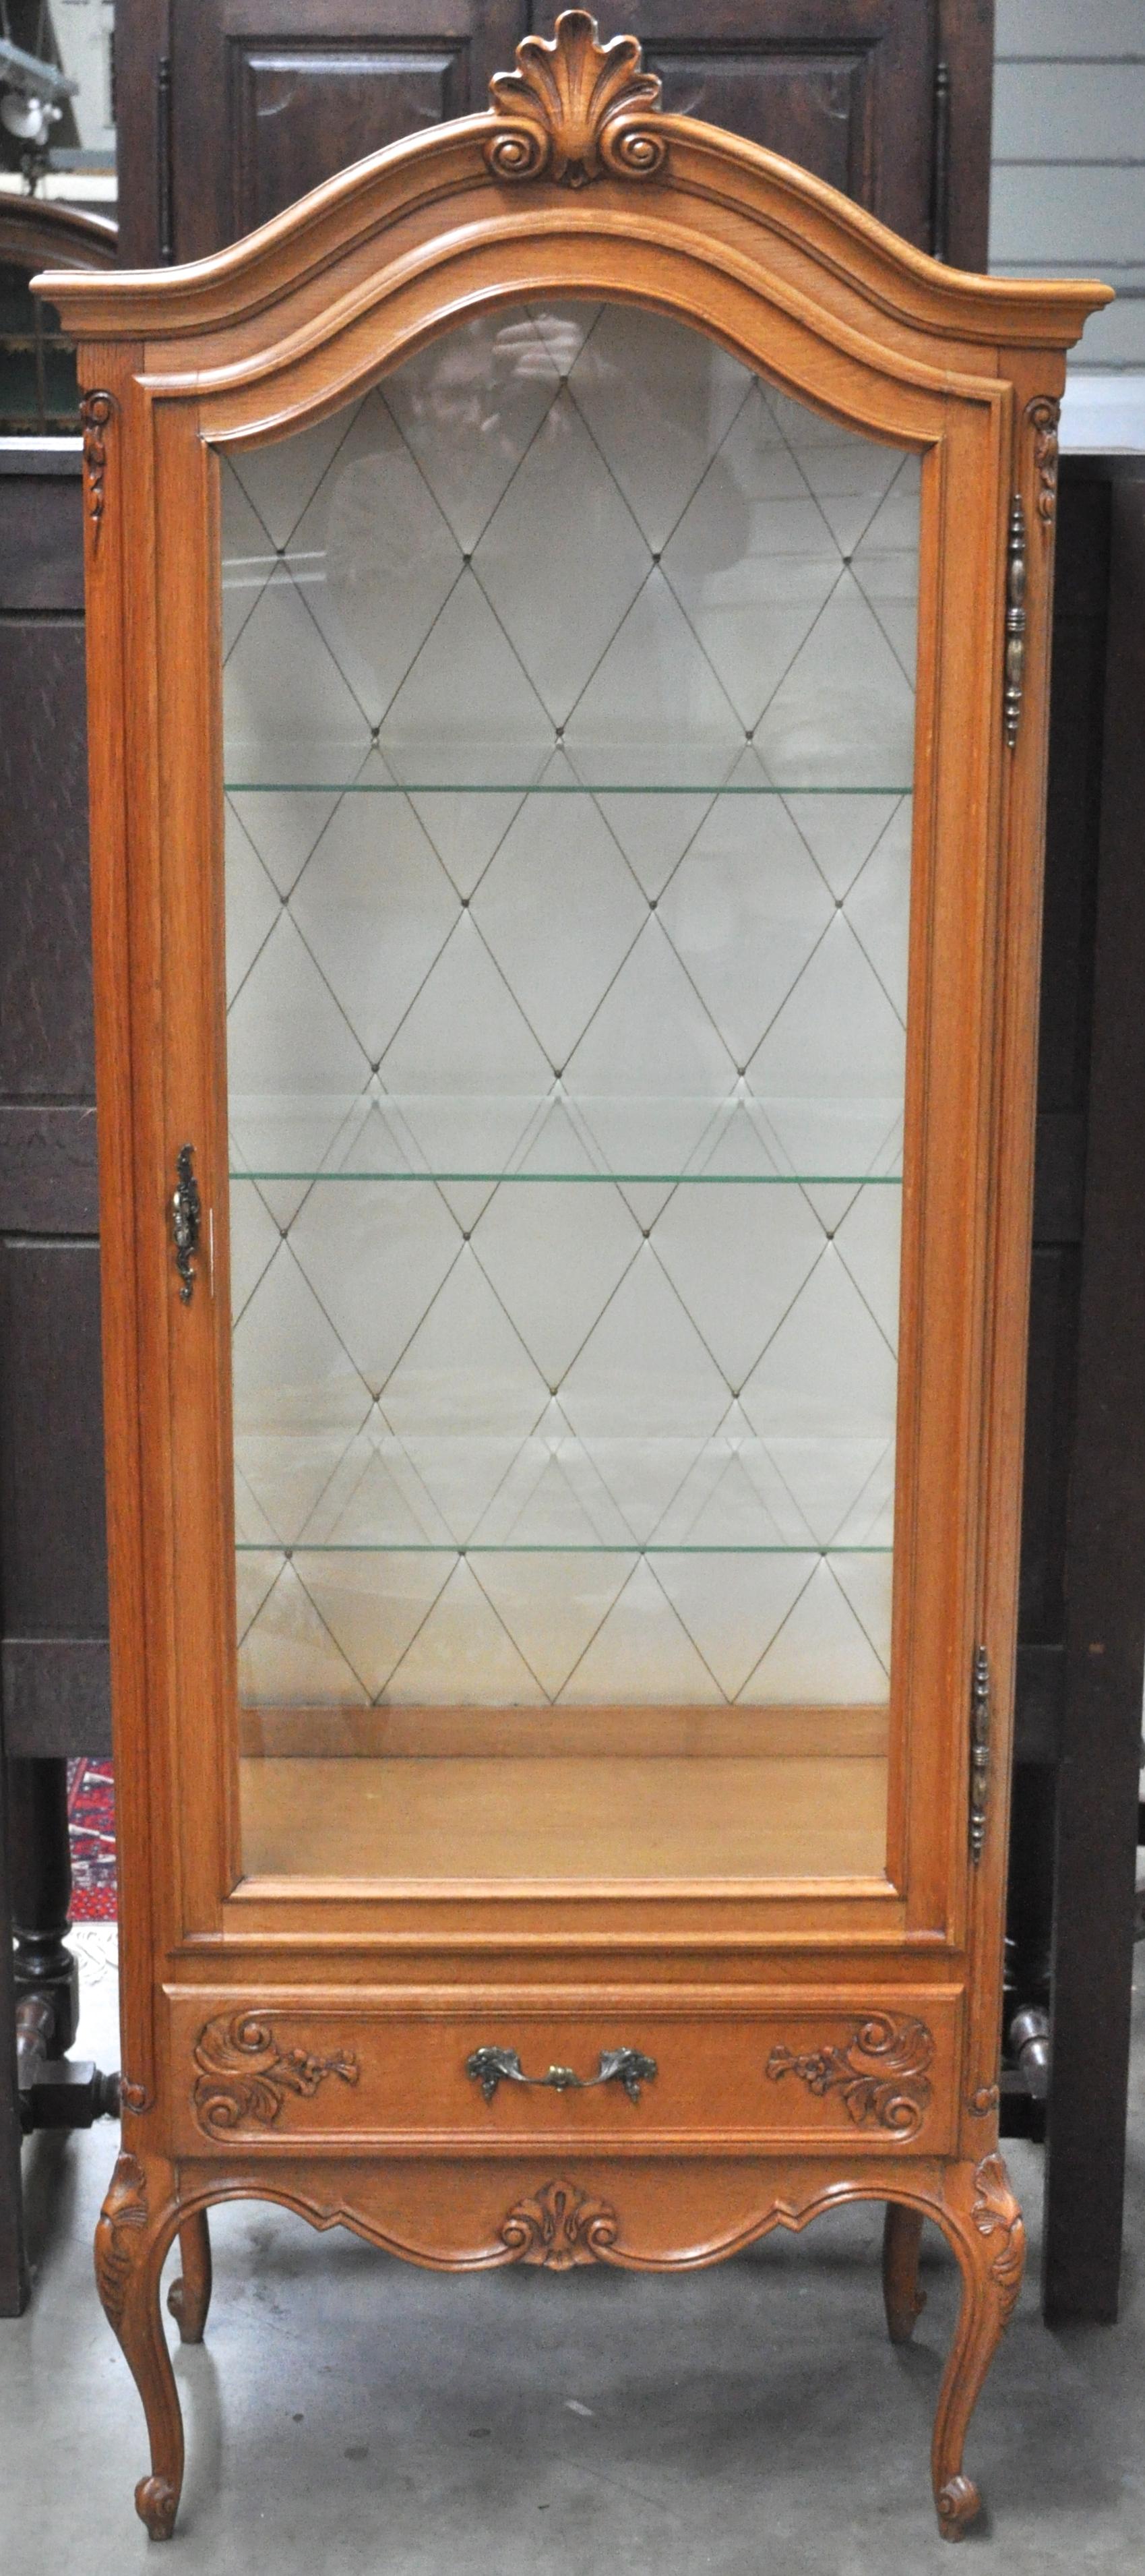 Een eendeursvitrine in lodewijk xv stijl van gebleekt eikenhout met onderaan een lade - Garderobe stijl van lodewijk xv ...